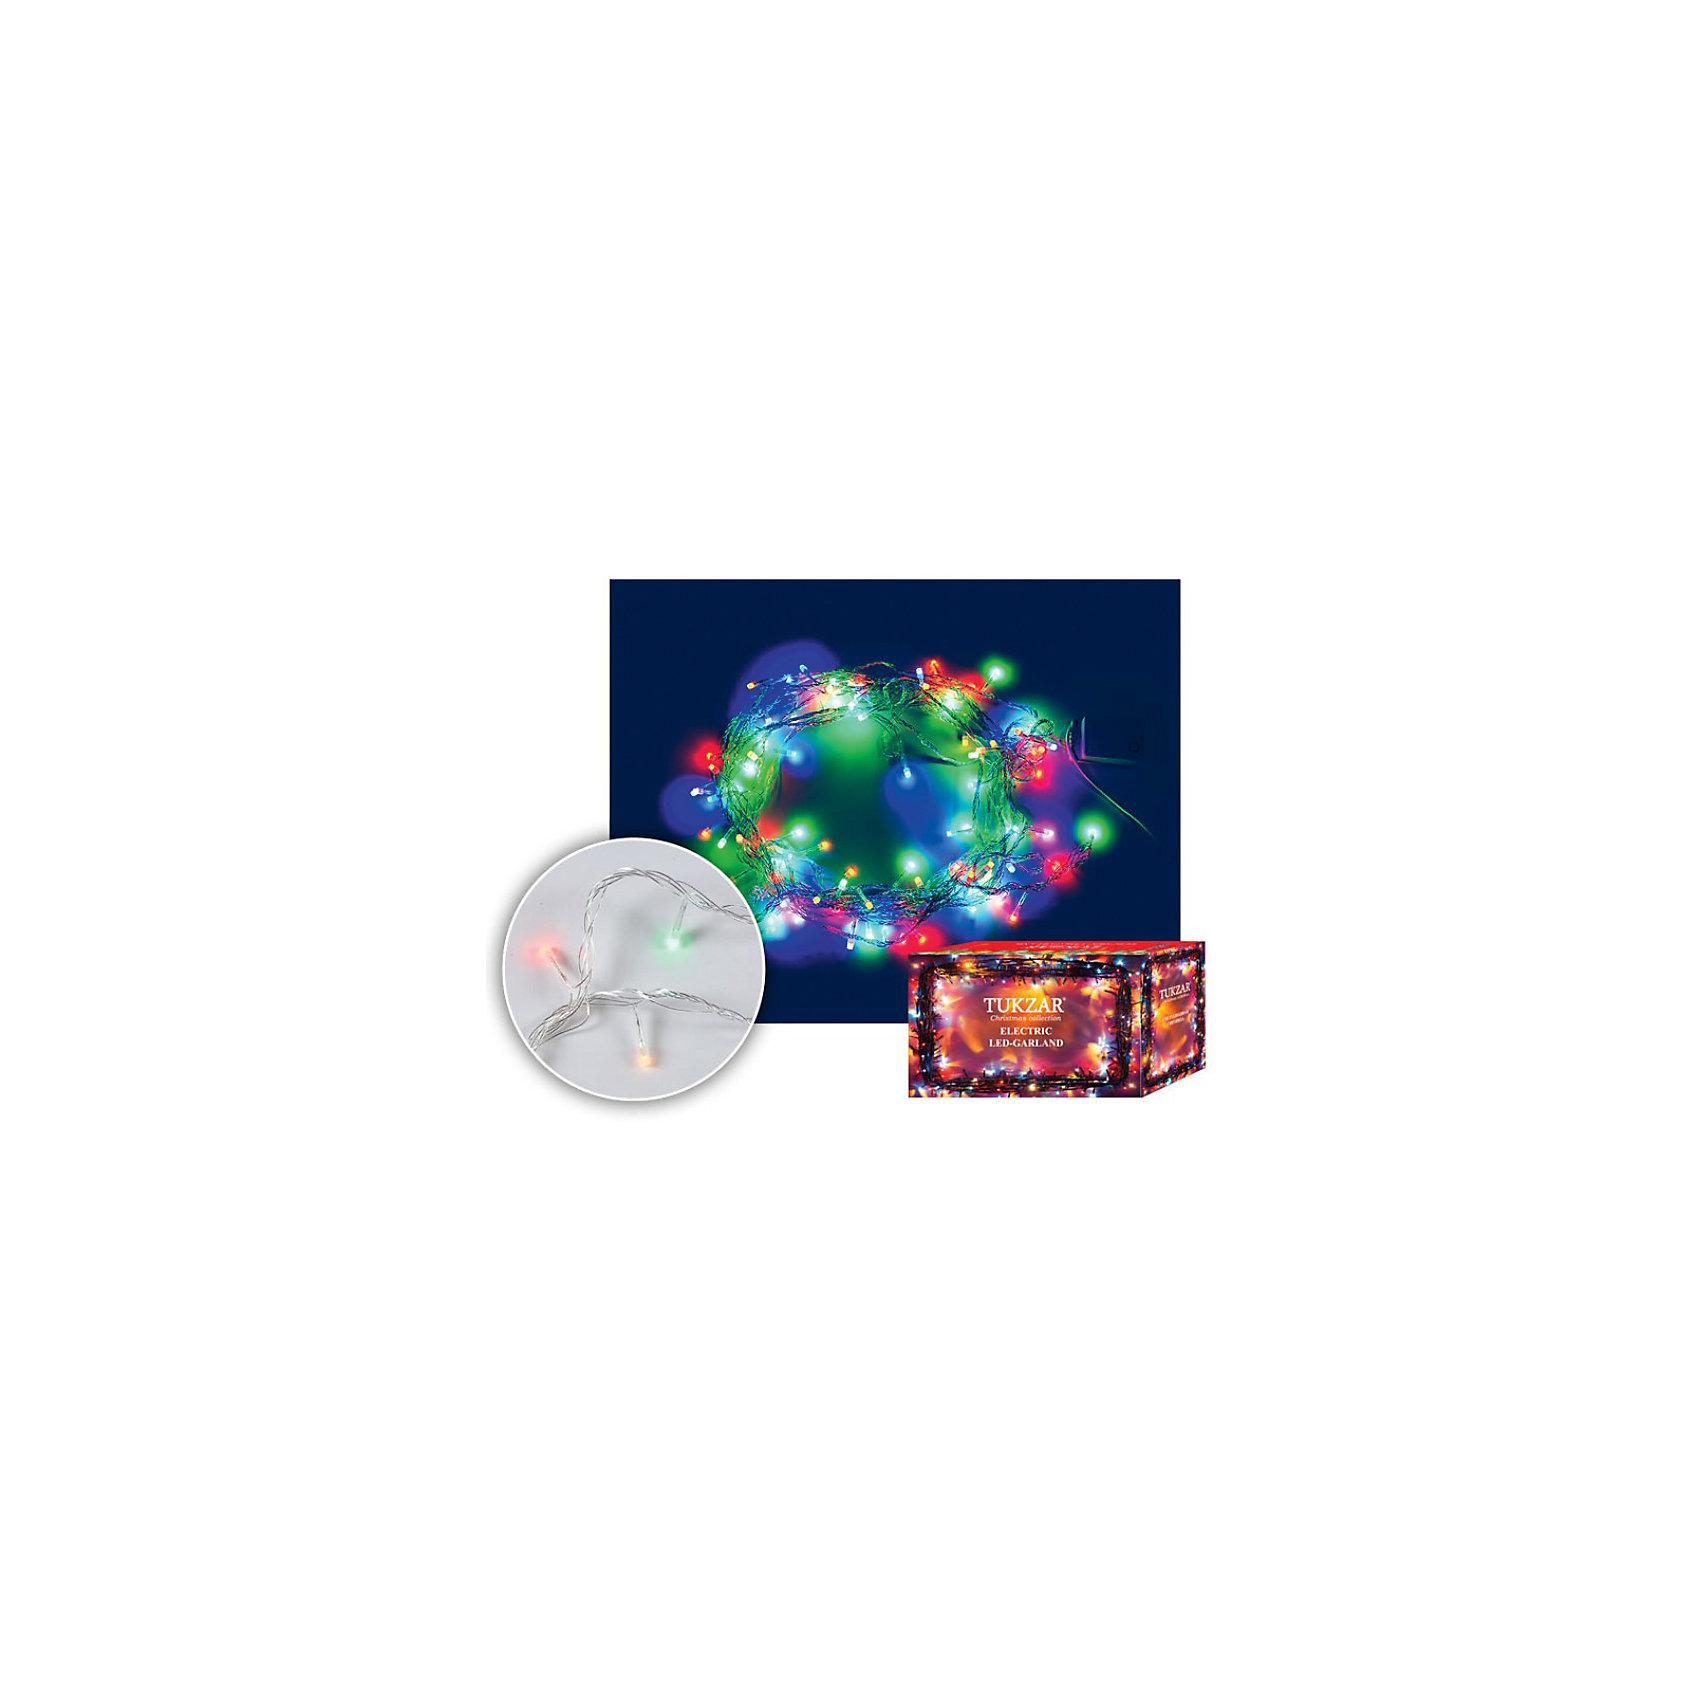 Светодиодная гирлянда, 10 мСветодиодная гирлянда, 10 м станет прекрасным новогодним украшением для всей семьи! <br>Ваш малыш с удовольствием примет участие в украшении дома и проникнется атмосферой волшебства!<br><br>Дополнительная информация:<br><br>Гирлянда светодиодная на прозрачном проводе с разноцветными лампами. <br>С встроенным контроллером (8 режимов работы). Поставляется в картонной коробке.<br>Светодиодная гирлянда, 10 м, 100 ламп, РАЗНОЦВЕТНЫЙ цвет свечения, прозрачный провод, с контроллером<br><br>Поможет всей семье поверить в новогоднее чудо!<br>Легко приобрести в нашем интернет-магазине!<br><br>Ширина мм: 100<br>Глубина мм: 500<br>Высота мм: 200<br>Вес г: 222<br>Возраст от месяцев: 36<br>Возраст до месяцев: 144<br>Пол: Унисекс<br>Возраст: Детский<br>SKU: 3368265